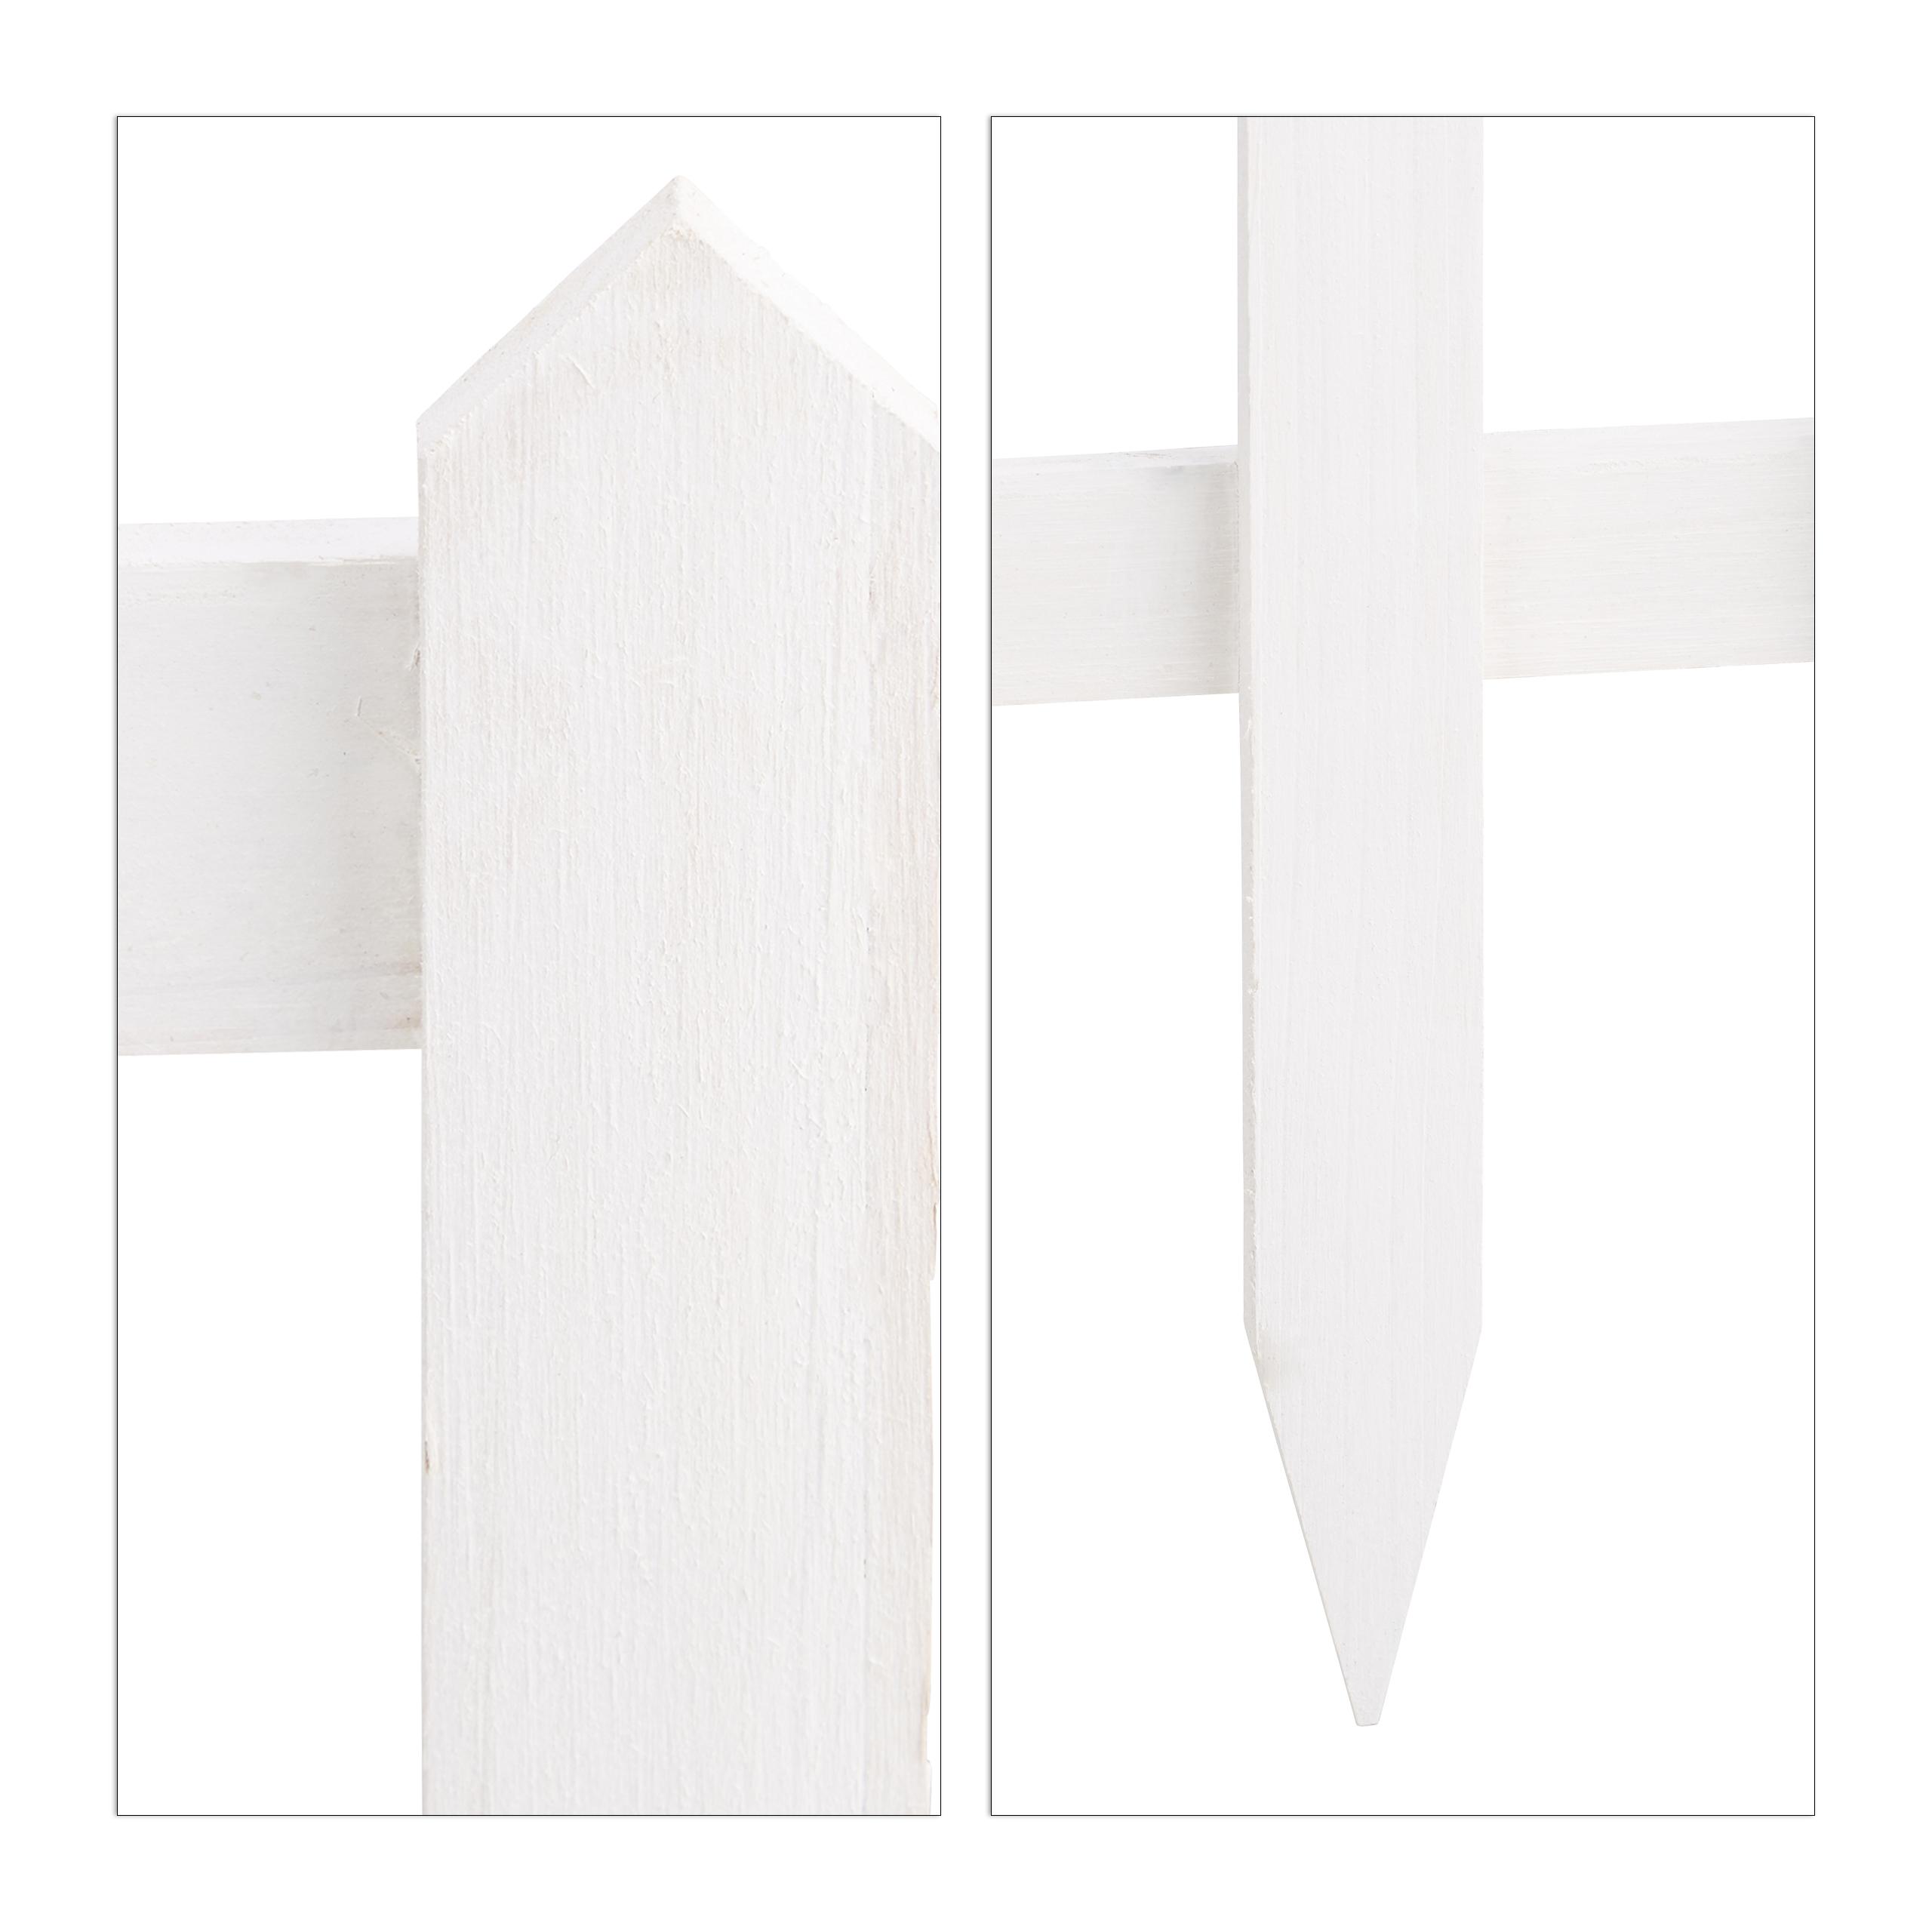 Steckzaun Weiß 60 cm Beetzaun Gartenzaun Set Zierzaun Dekozaun Beeteinfassungen